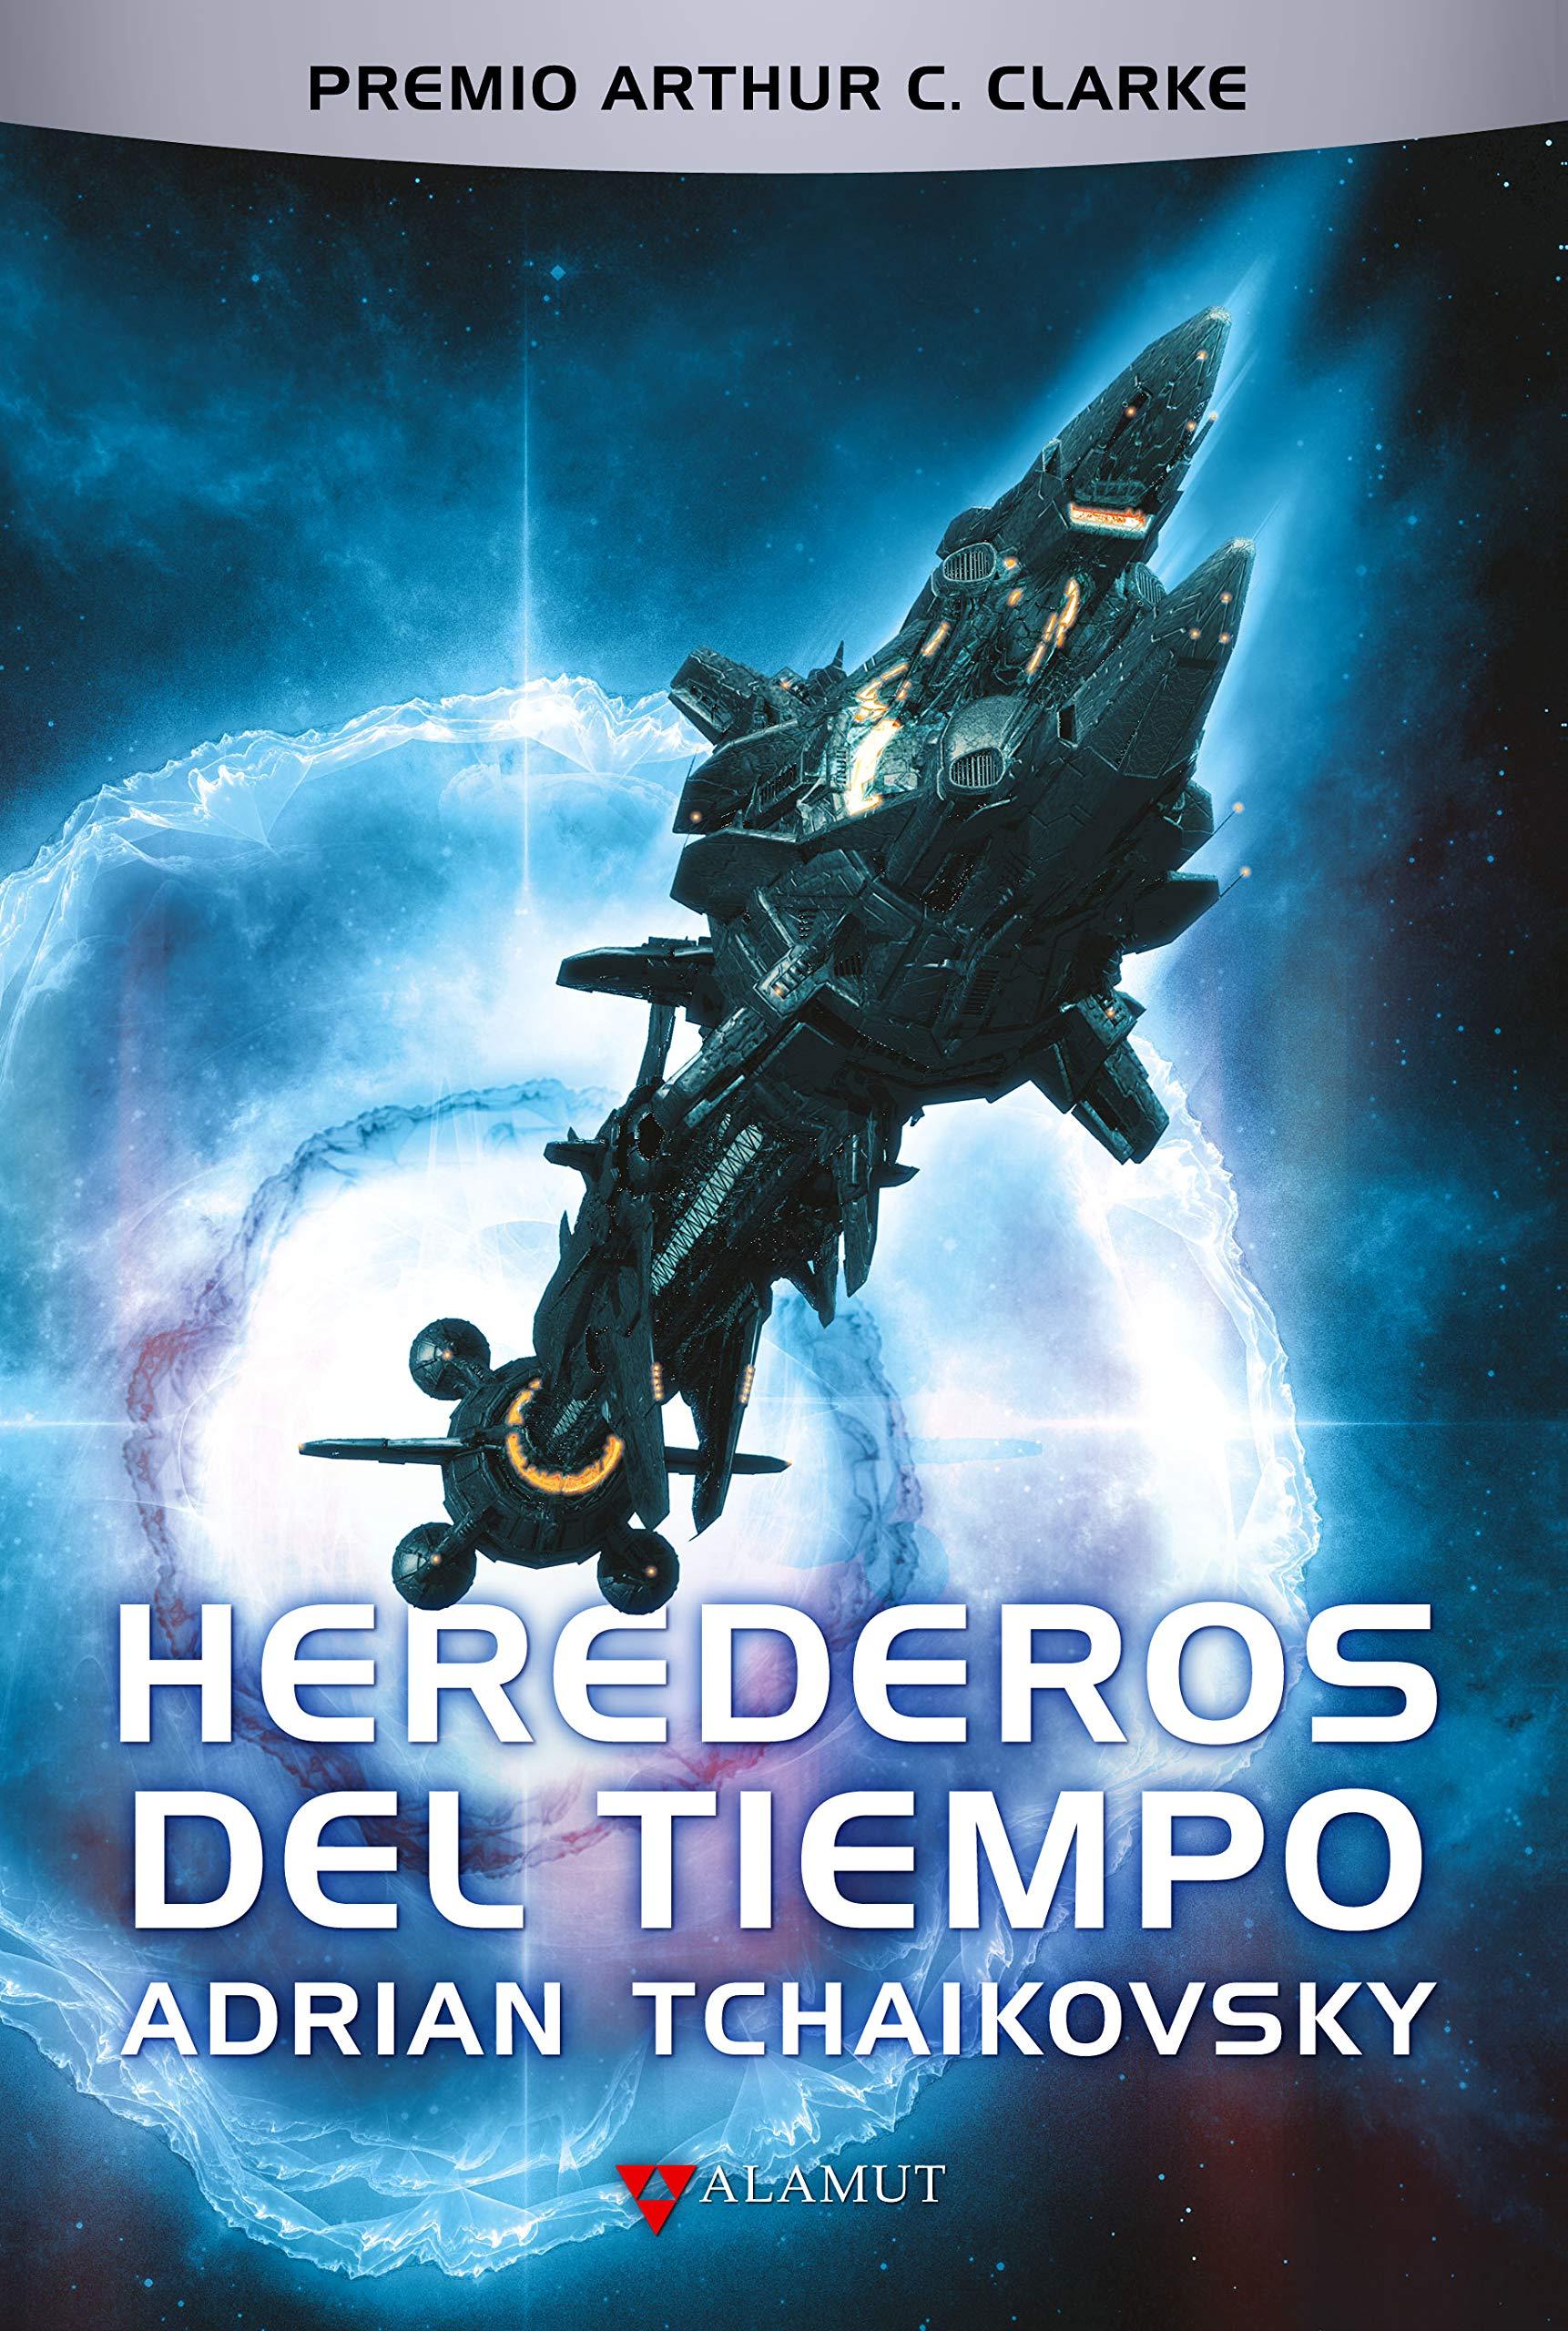 Herederos del tiempo (Alamut Serie Fantástica): Amazon.es: Adrian Tchaikovsky, Luis García Prado: Libros